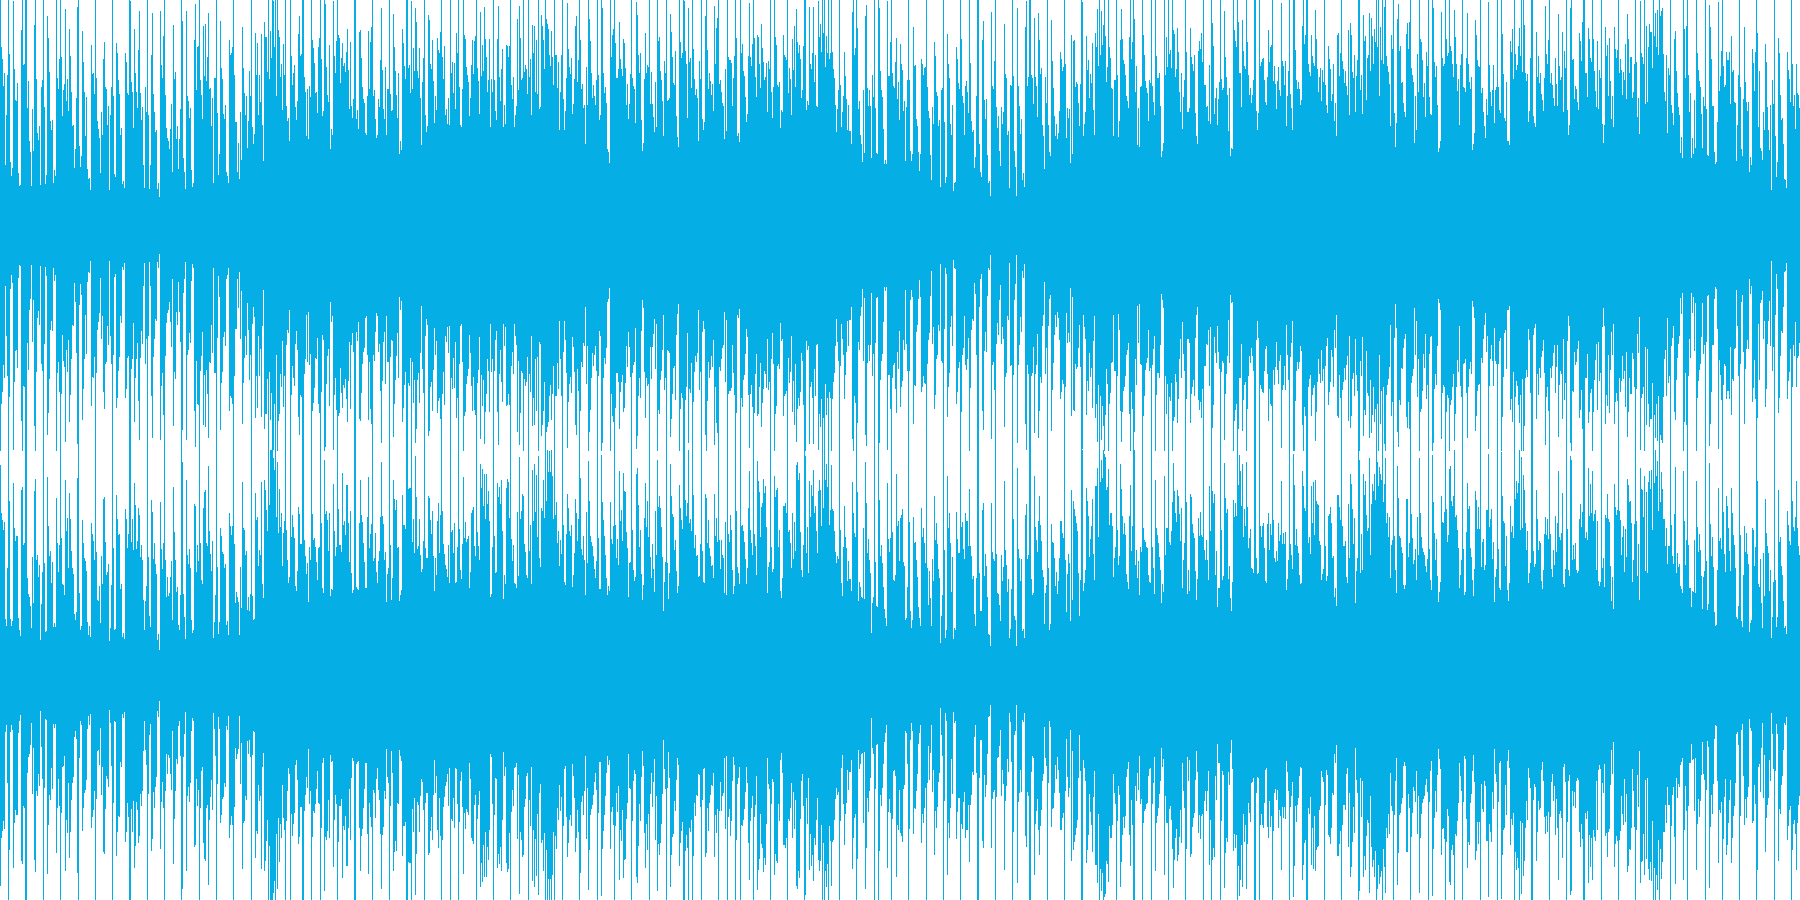 ループ素材 近未来・SF・エレクトロの再生済みの波形